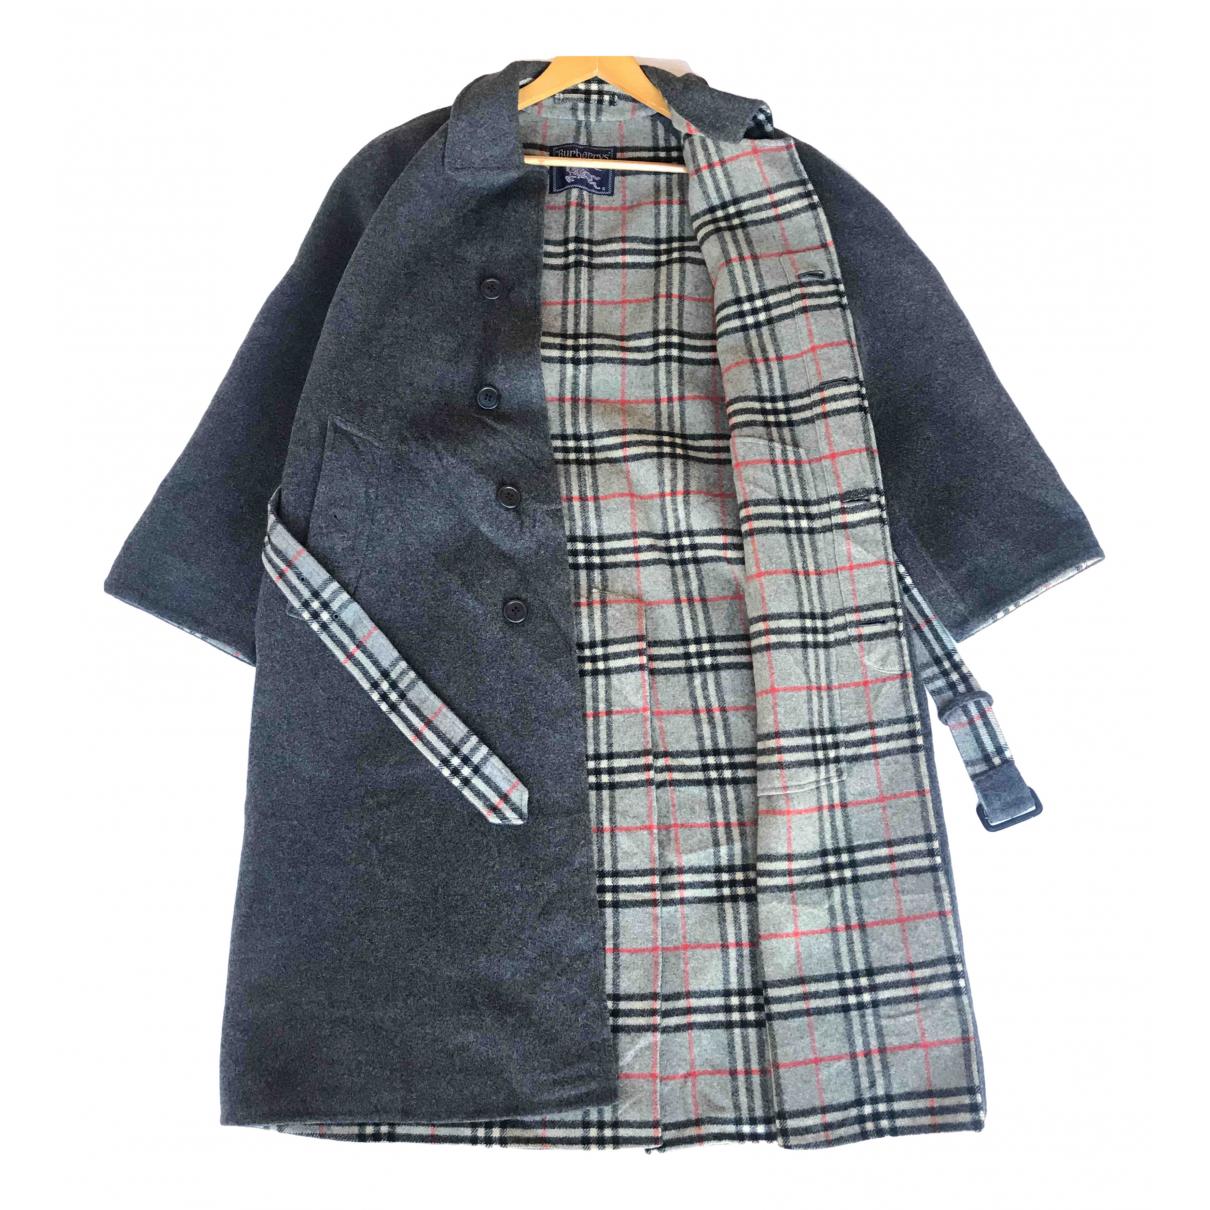 Burberry - Manteau   pour homme en laine - gris